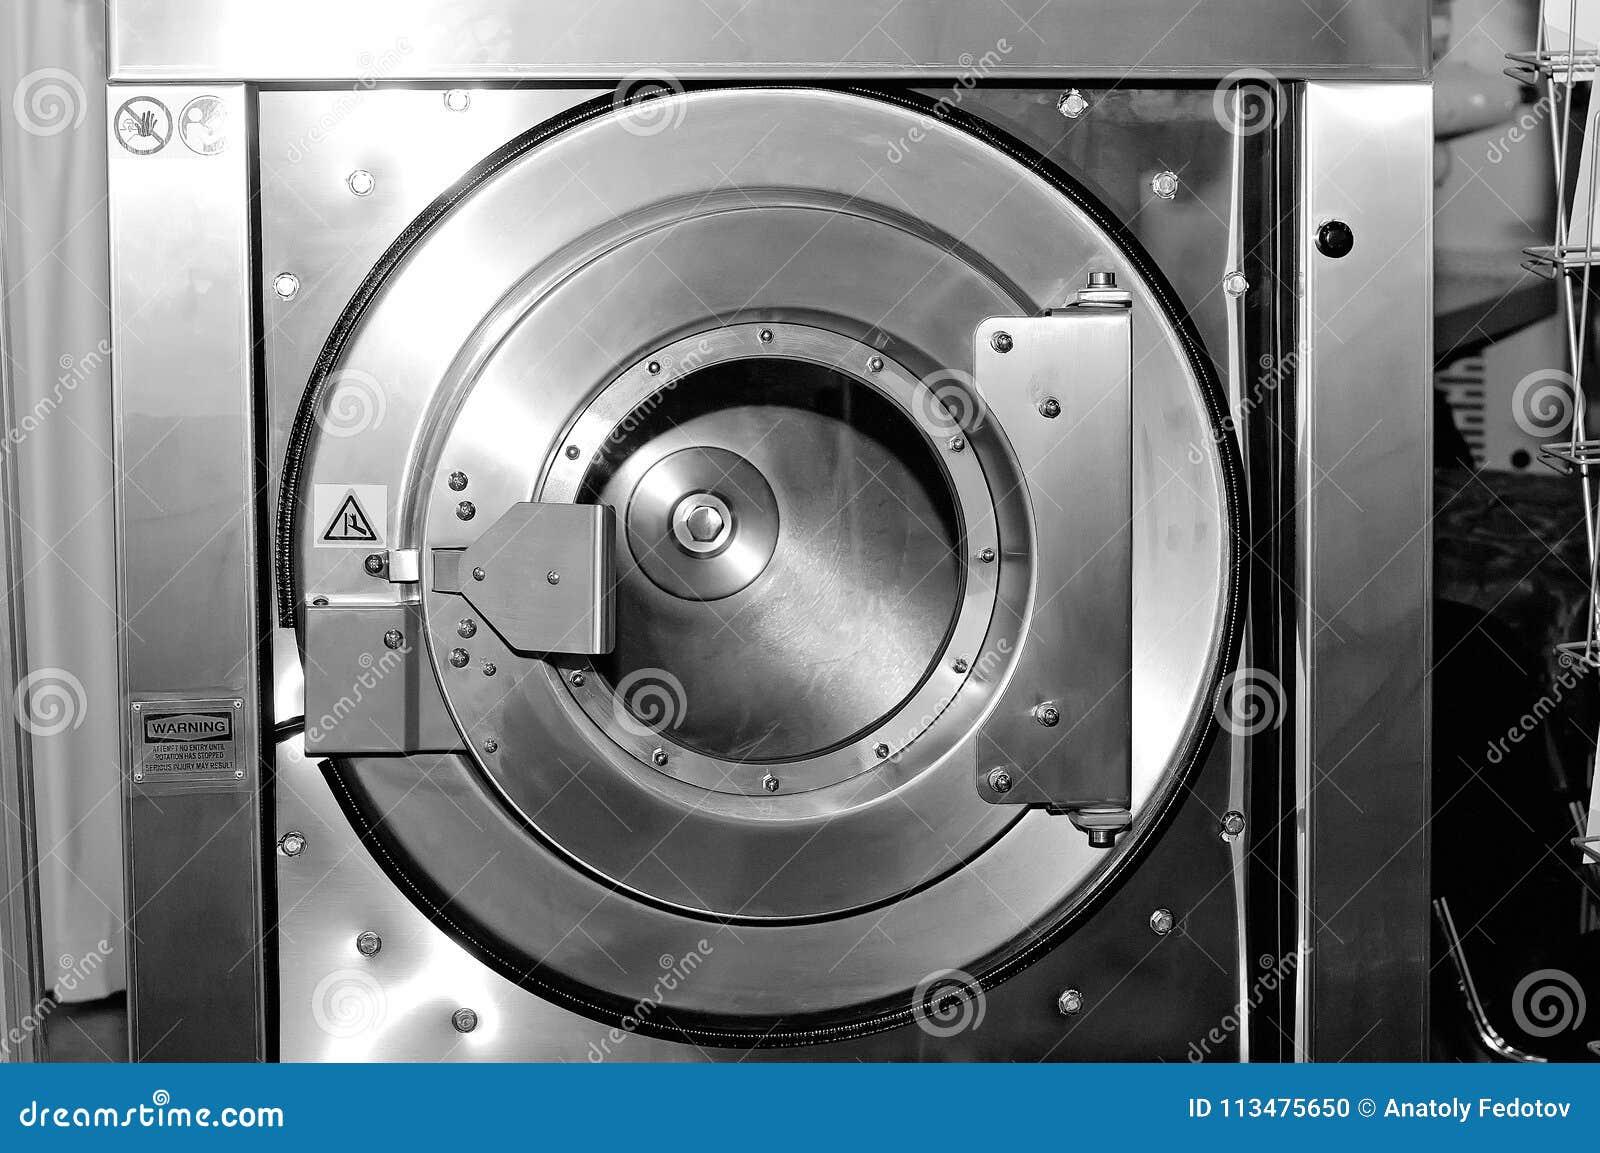 Круглый люк загрузки промышленной стиральной машины